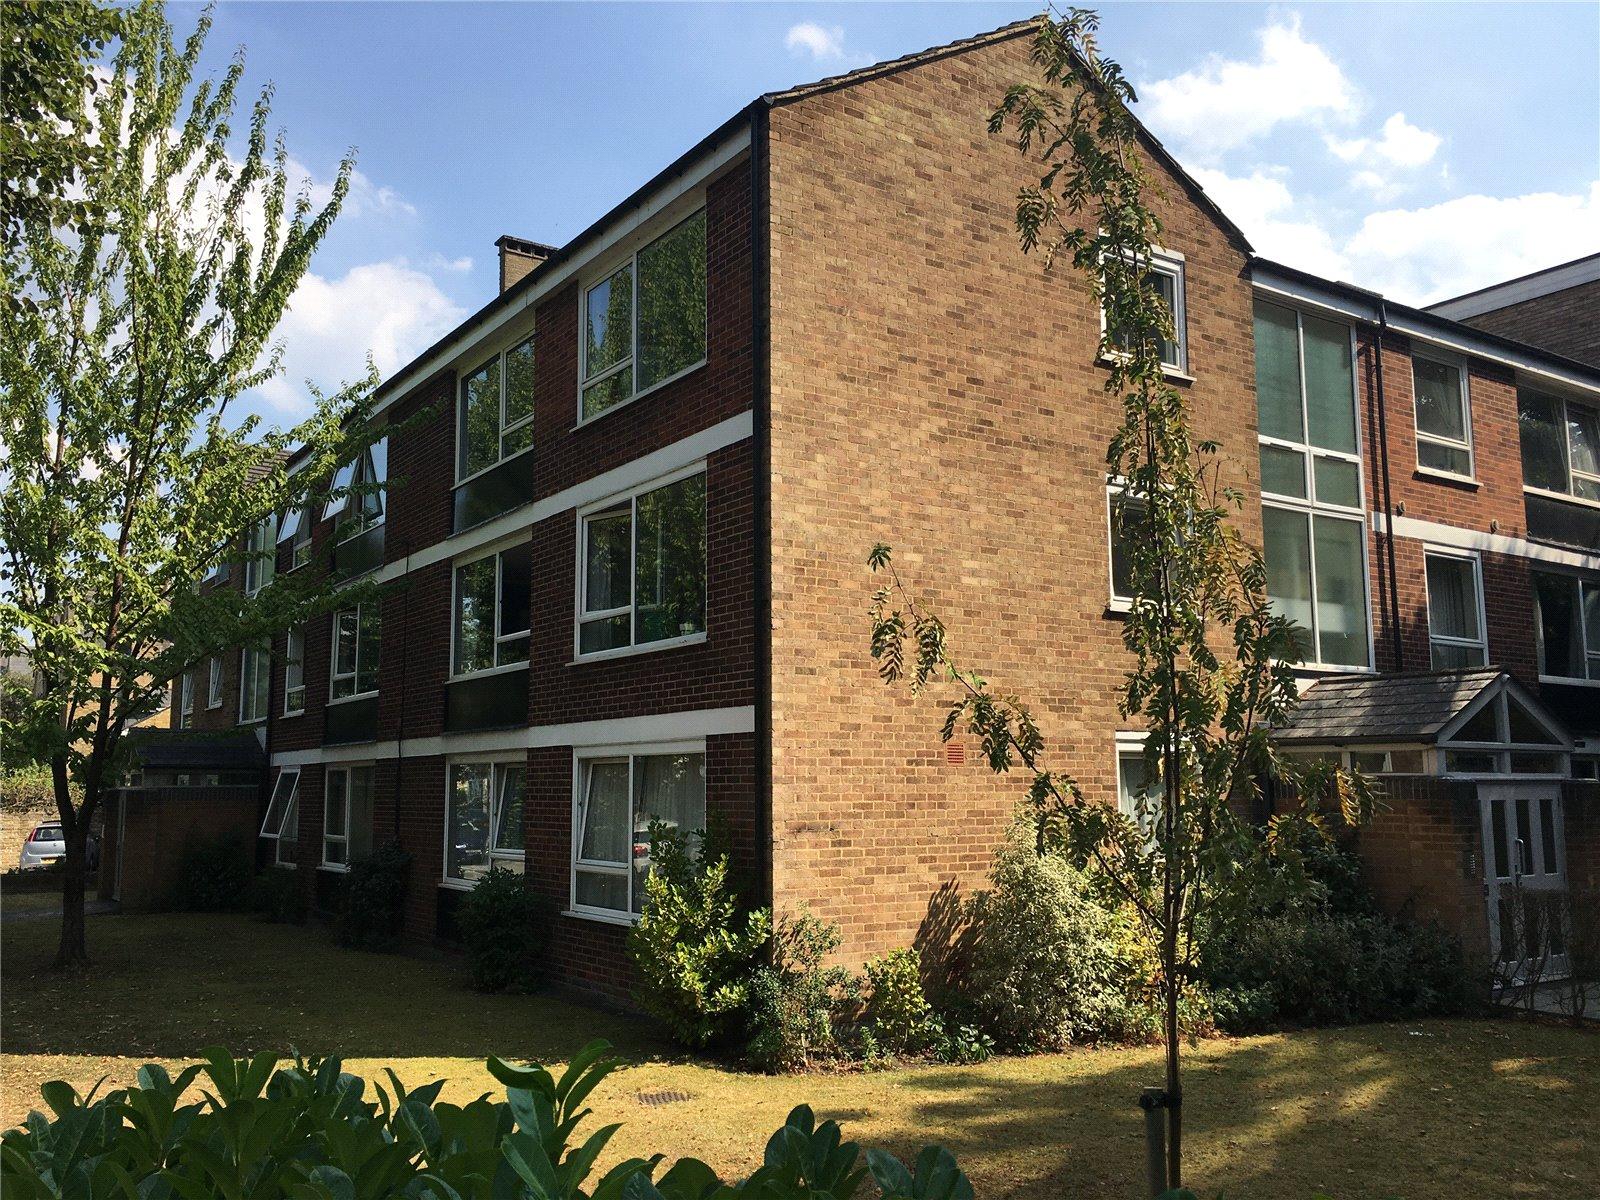 Branstone Court, Kew Road, TW9 3LF - Antony Roberts